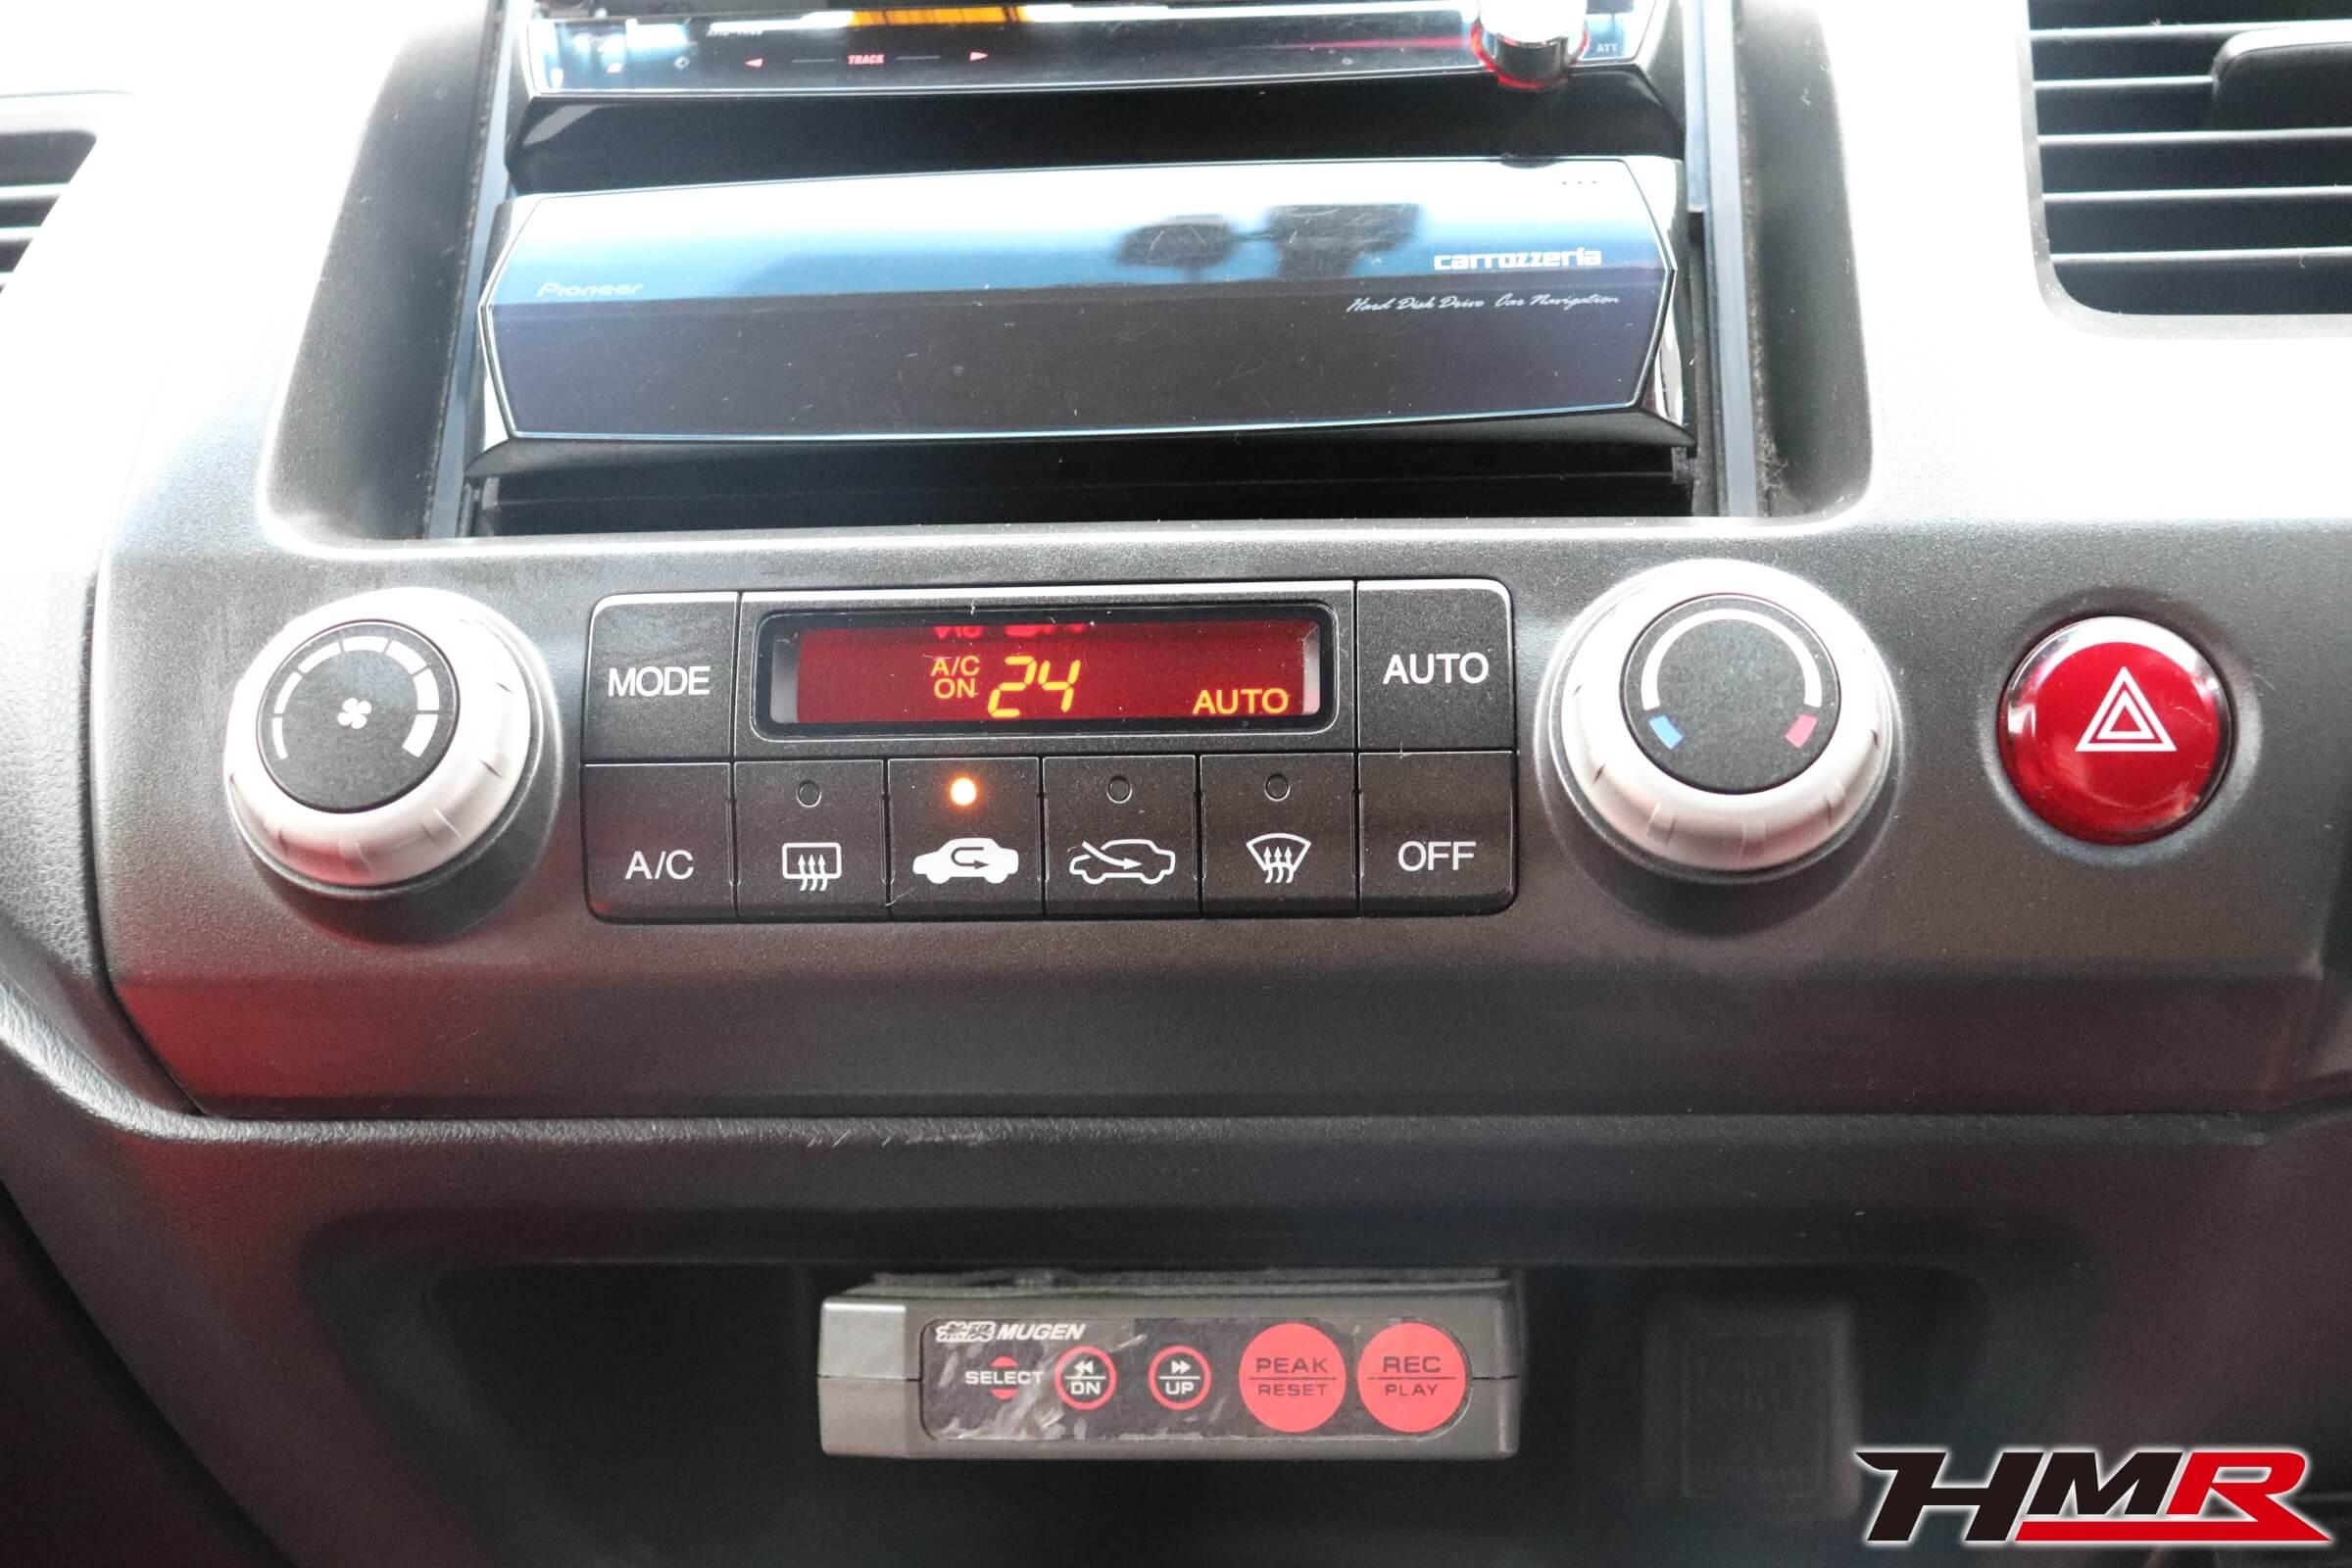 シビックタイプR(FD2)エアコンパネル